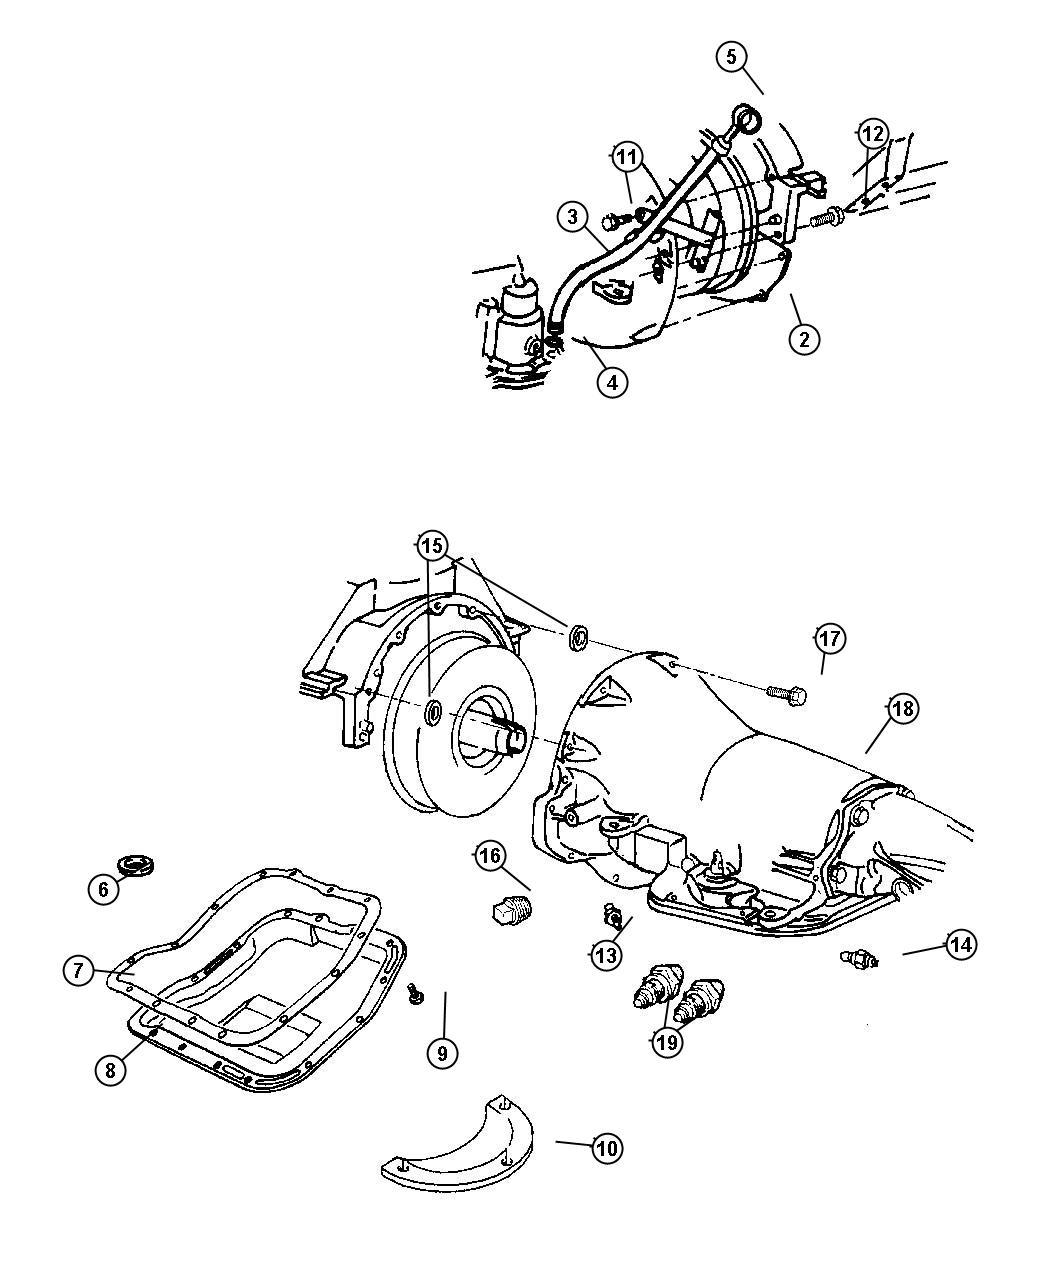 dodge 46re transmission diagram